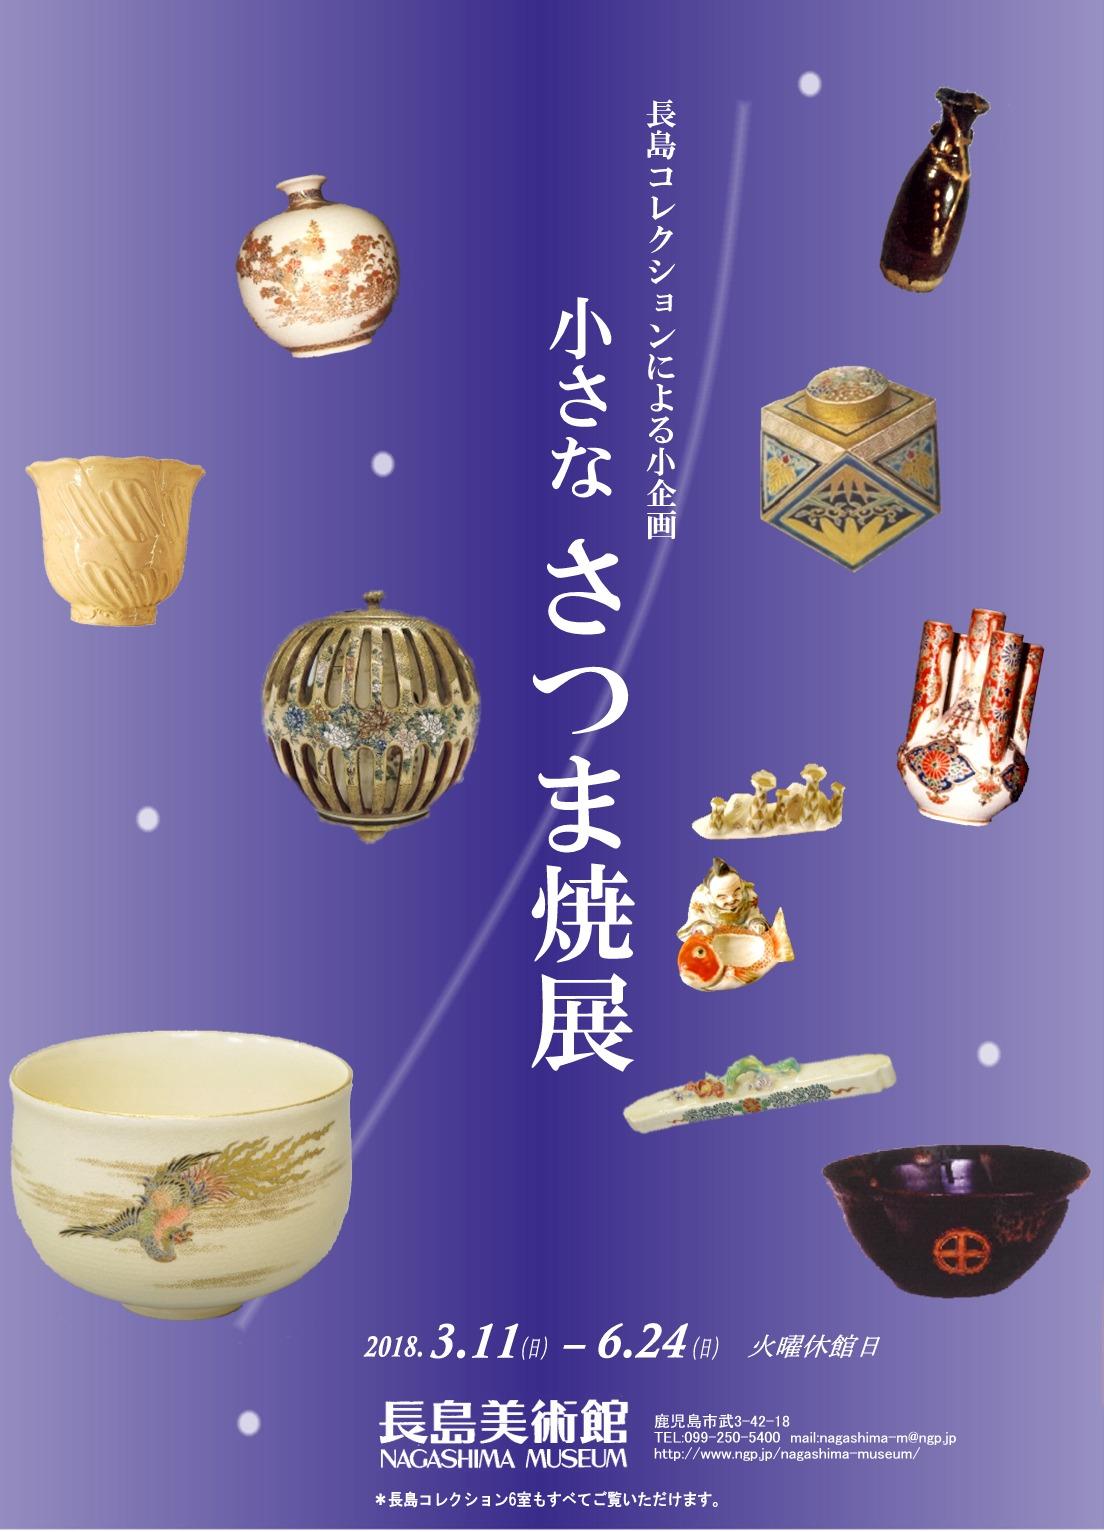 長島美術館所蔵品による「小さな さつま焼展」 2018.03.11-2018.06.24